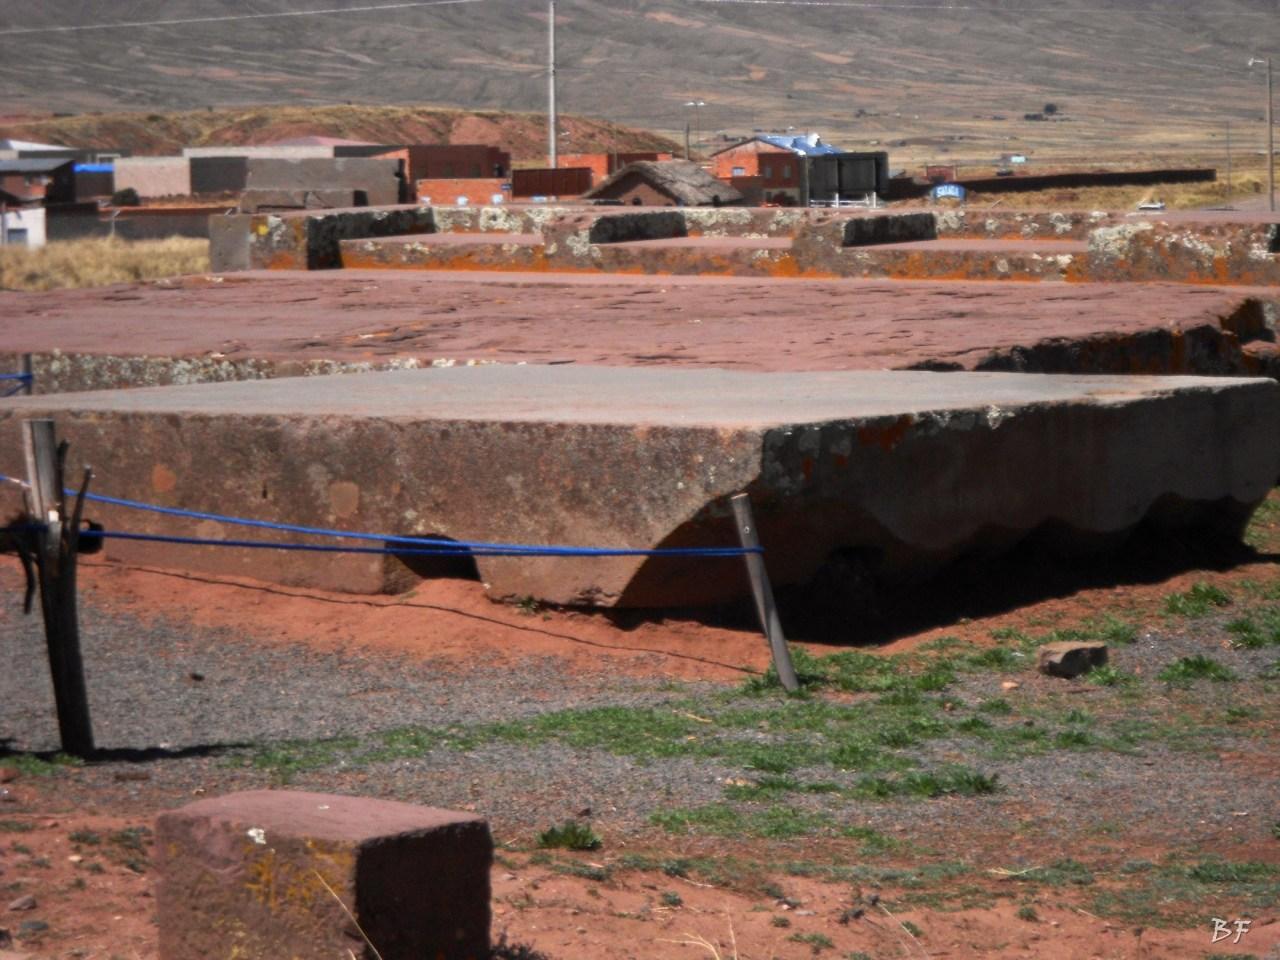 Puma-Punku-Area-Megalitica-Mura-Poligonali-Megaliti-Tiwanaku-Tiahuanaco-Bolivia-29